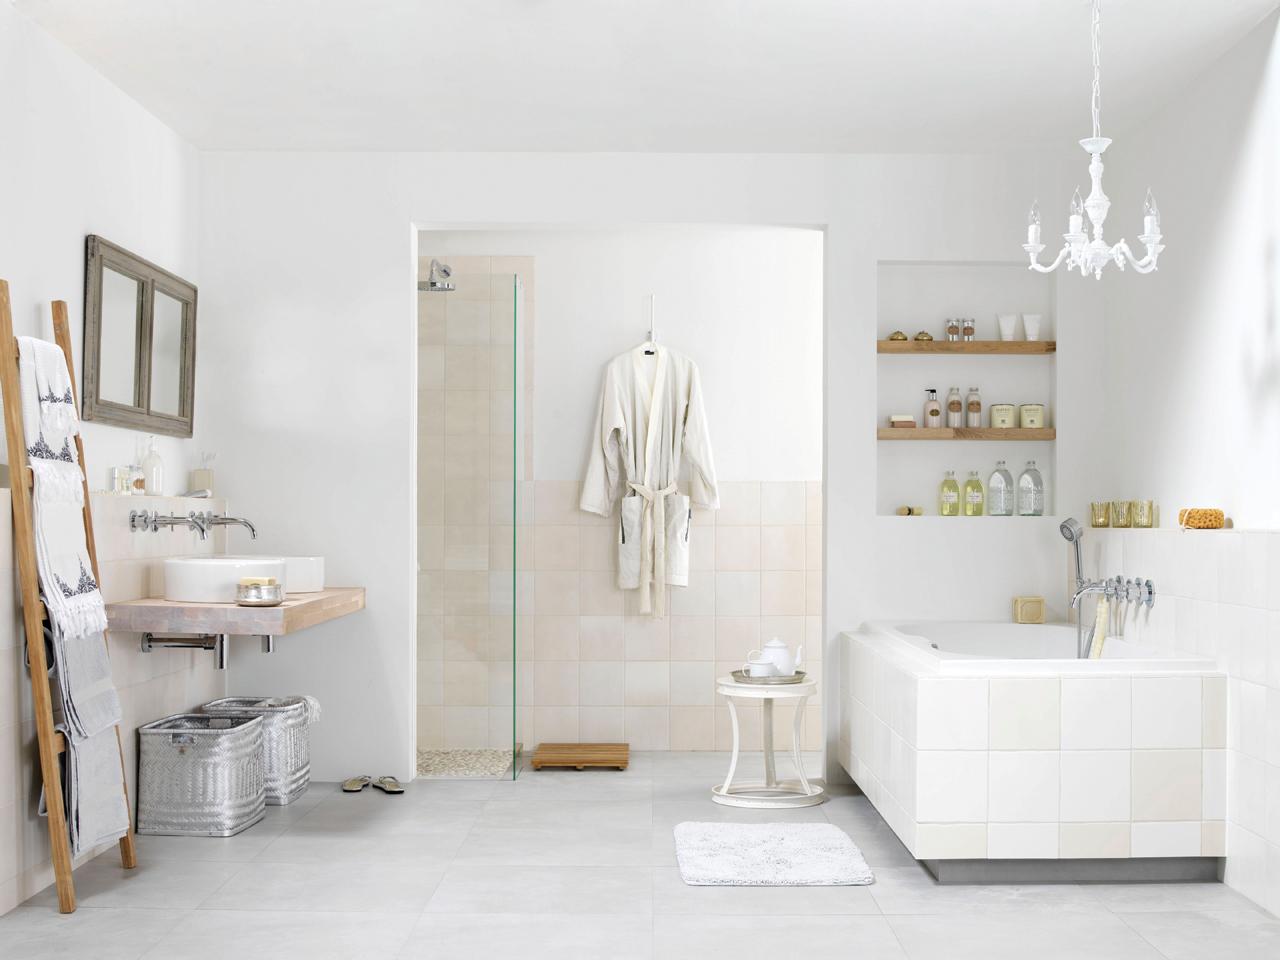 Badkamer Showroom Houten : Nieuwe showroom grando hilversum nieuws startpagina voor keuken